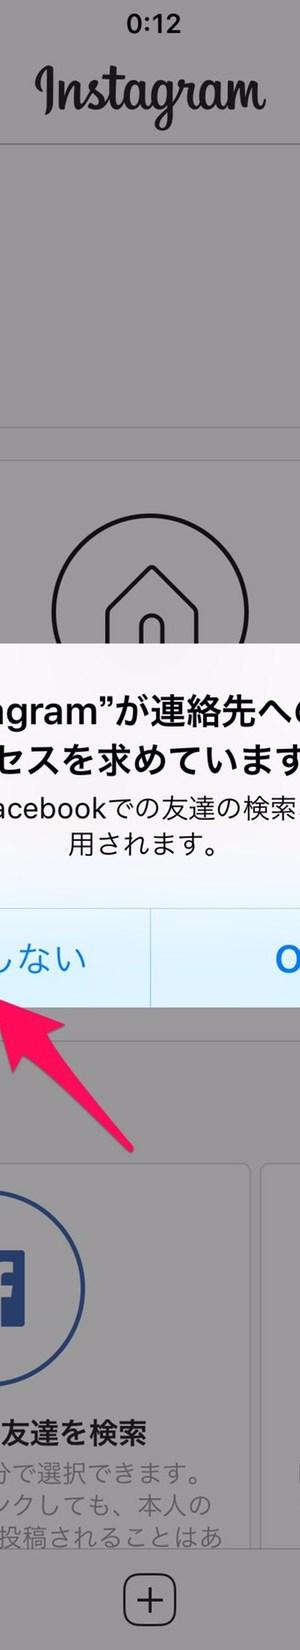 連絡先へのアクセスを求めています|バレずにインスタグラム(instagram)をする方法